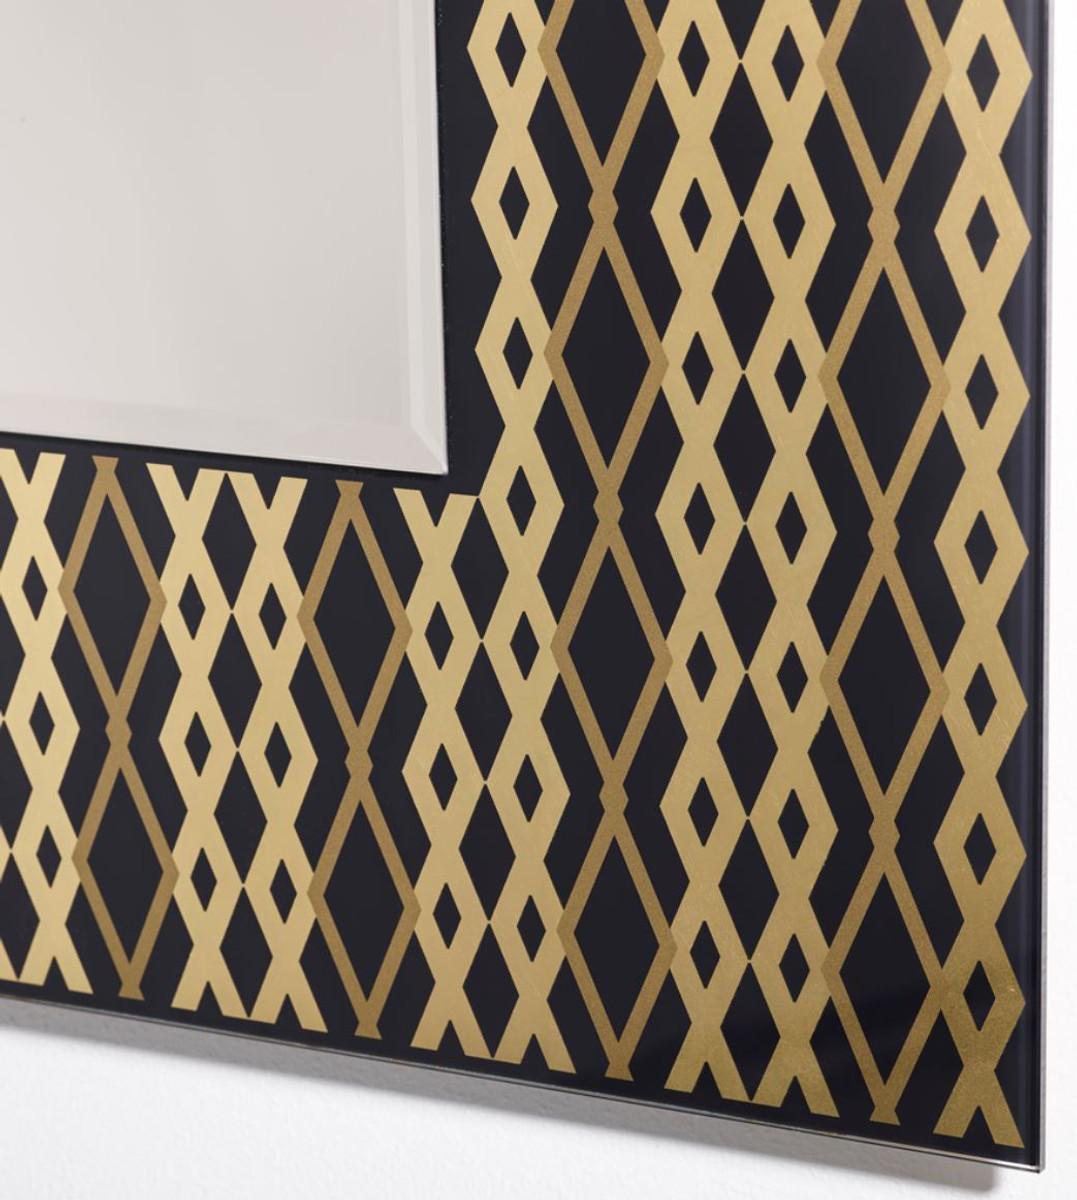 Casa Padrino Designer Wandspiegel Schwarz / Bronze / Gold 99 x H. 127 cm - Wohnzimmer Spiegel - Garderoben Spiegel - Luxus Qualität 3